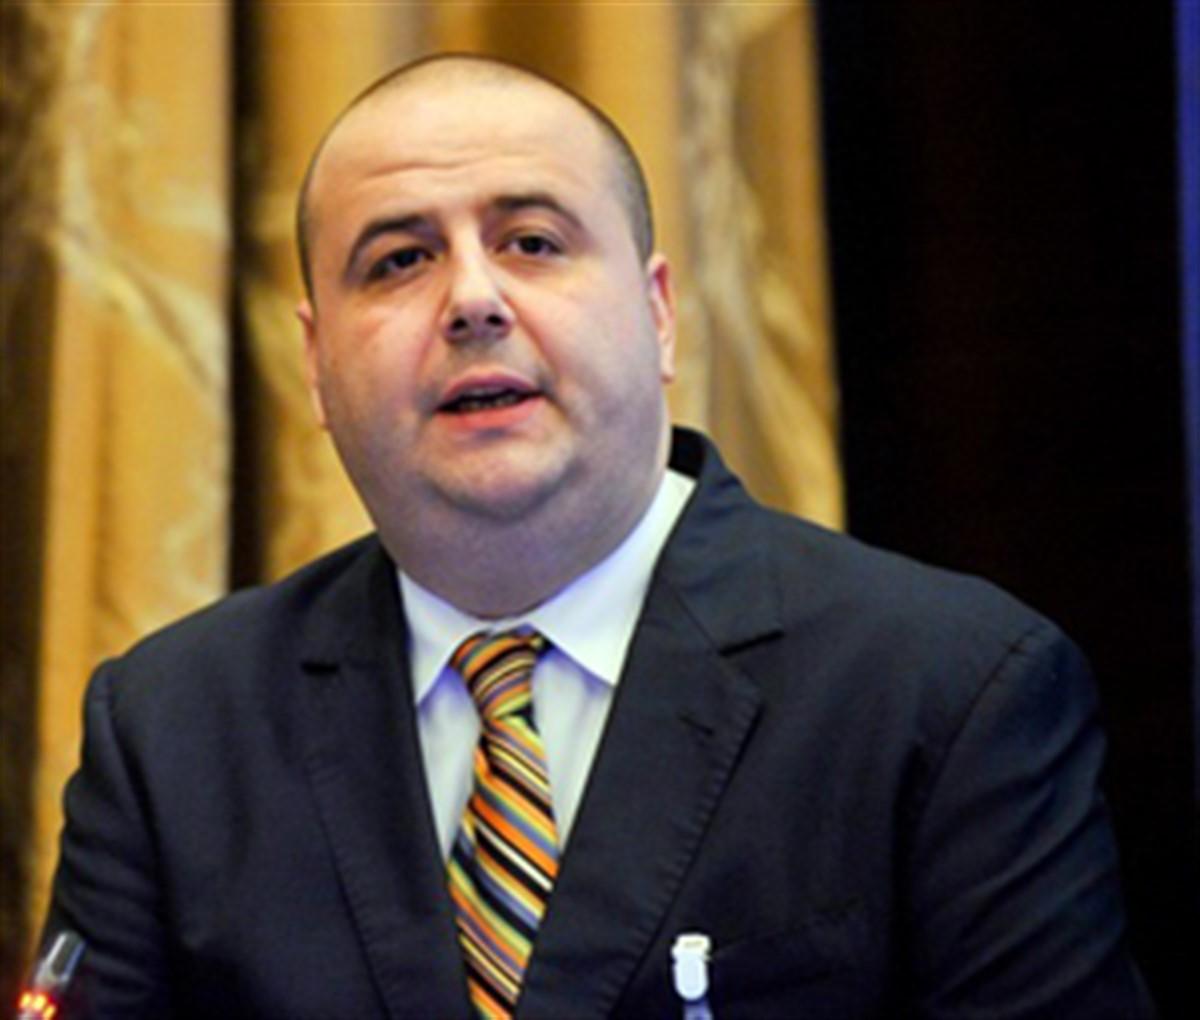 Mihai Busuioc a fost numit în funcția de secretar general al Guvernului. Este prima decizie luată de premierul Sorin Grindeanu.